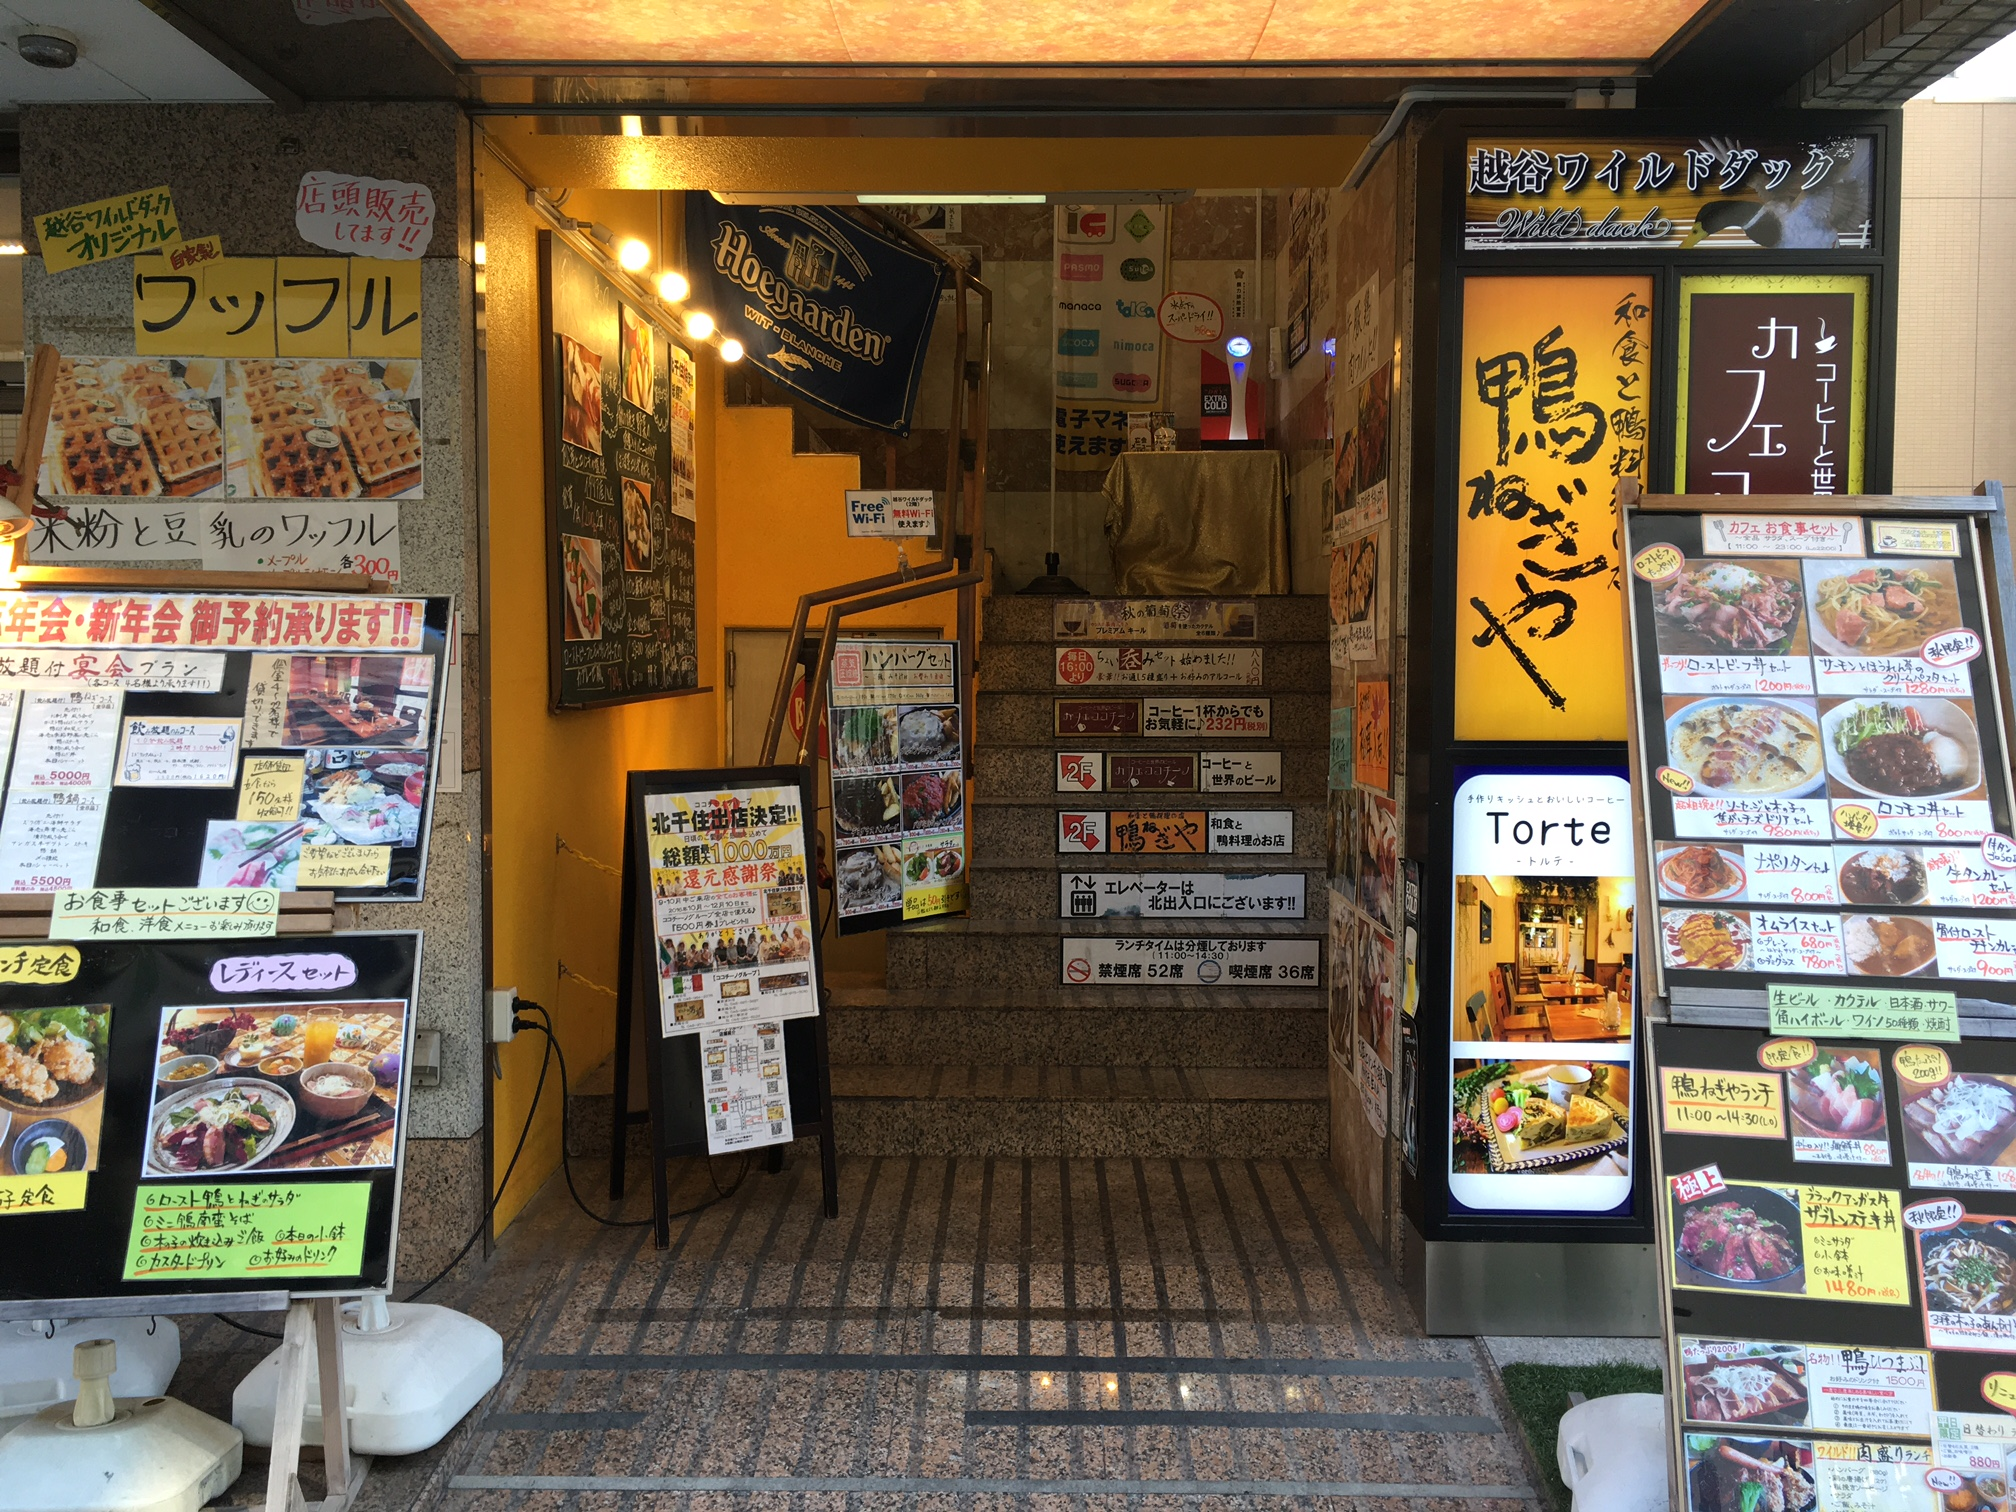 鴨ねぎや (埼玉県越谷市、居酒屋、鴨ねぎと肉料理・和食&洋食)